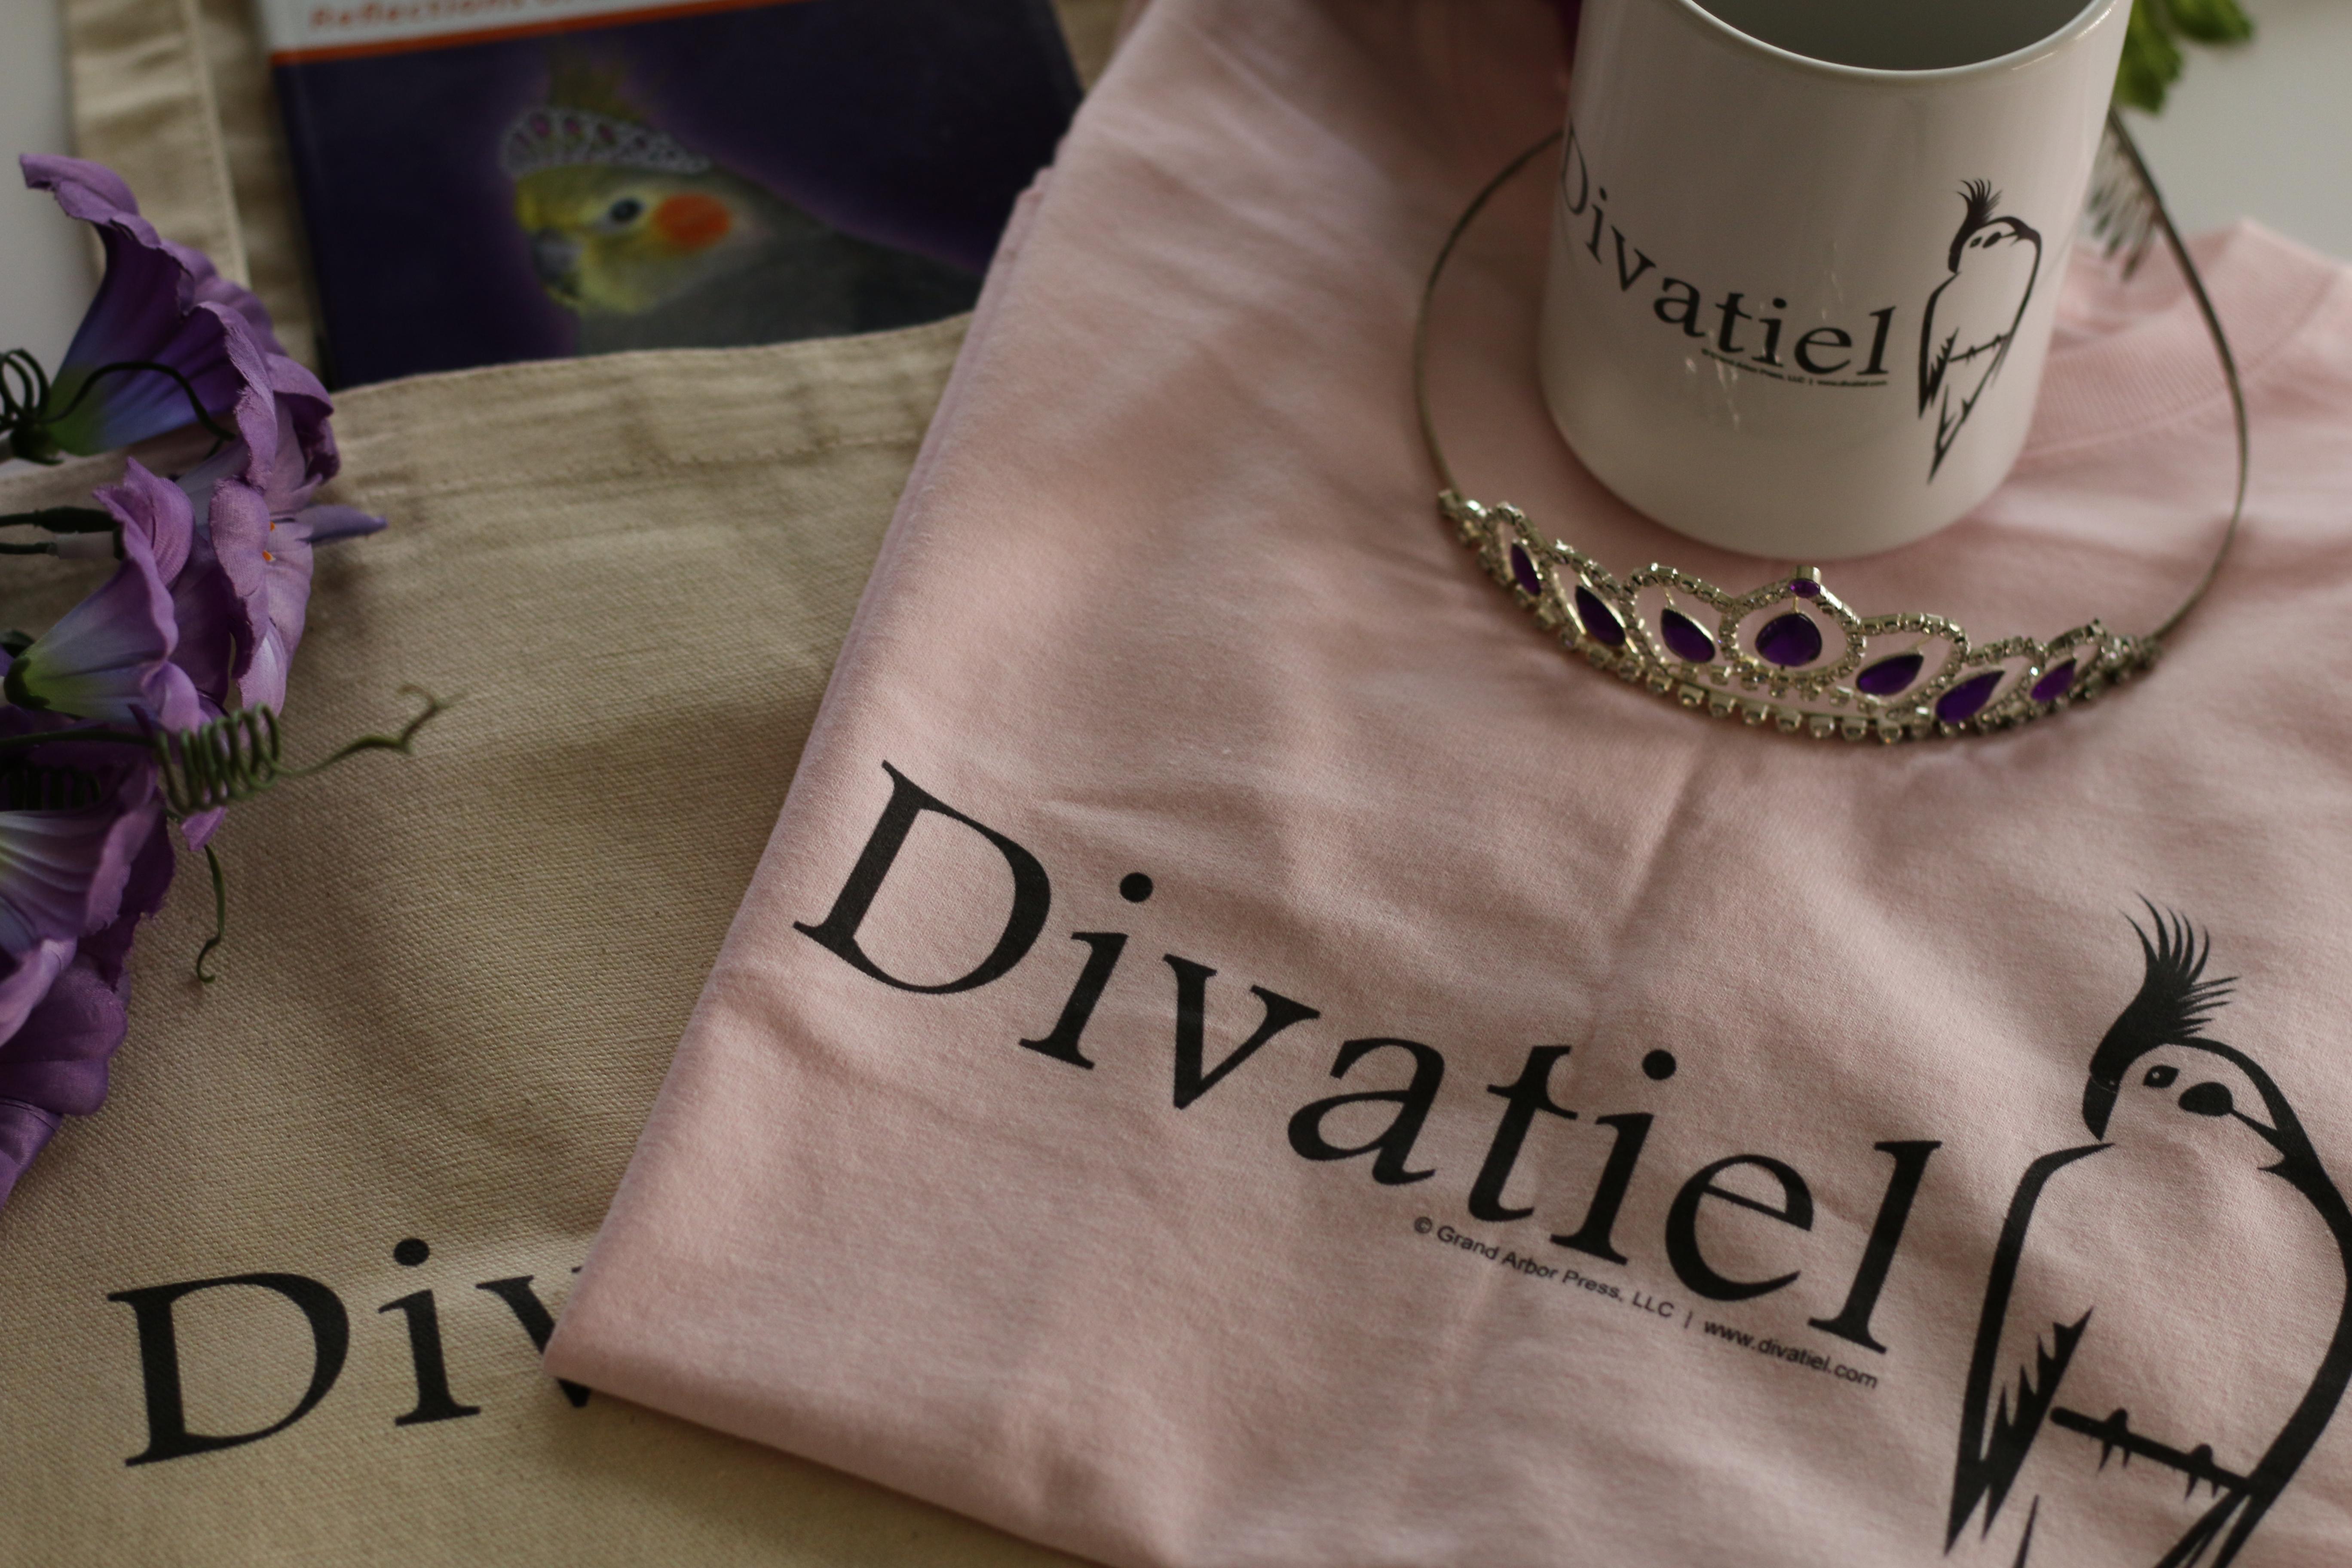 Divatiel Gift Bags